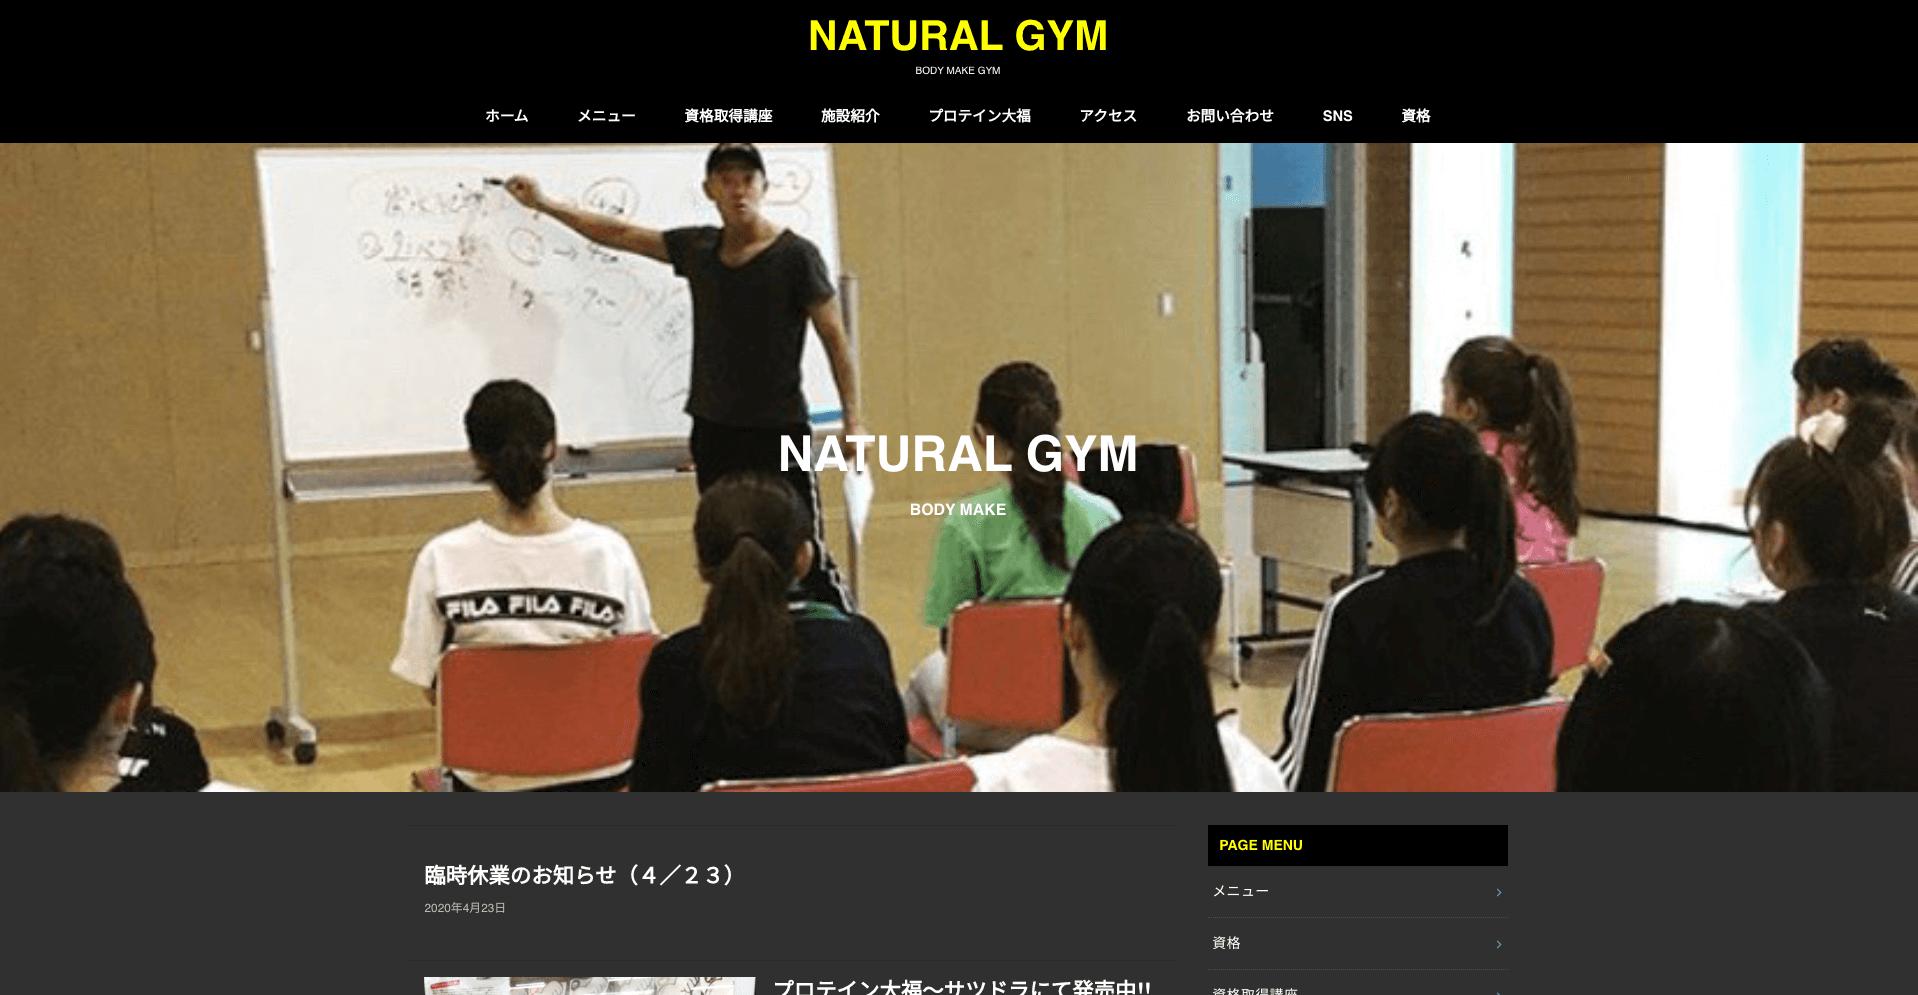 ボディメイクジム パーソナルトレーナー ナチュラルジム NaturalGym